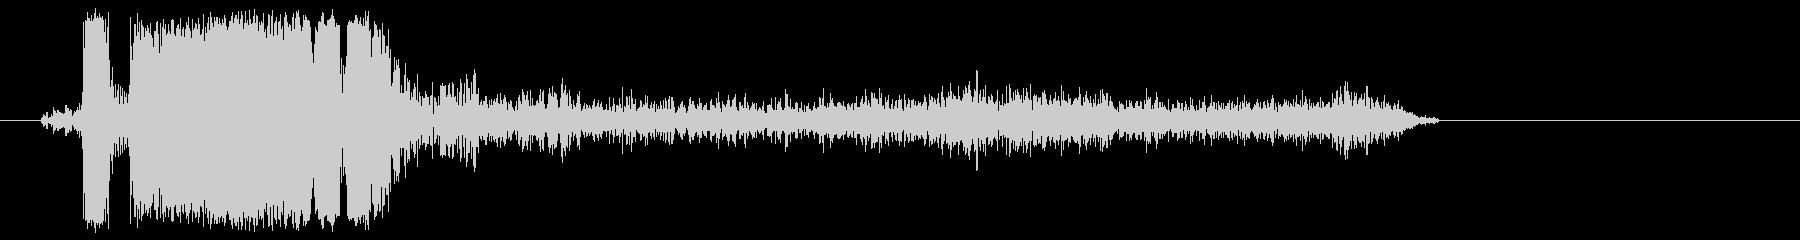 プシュッ(圧縮空気を使用したマシンの音)の未再生の波形